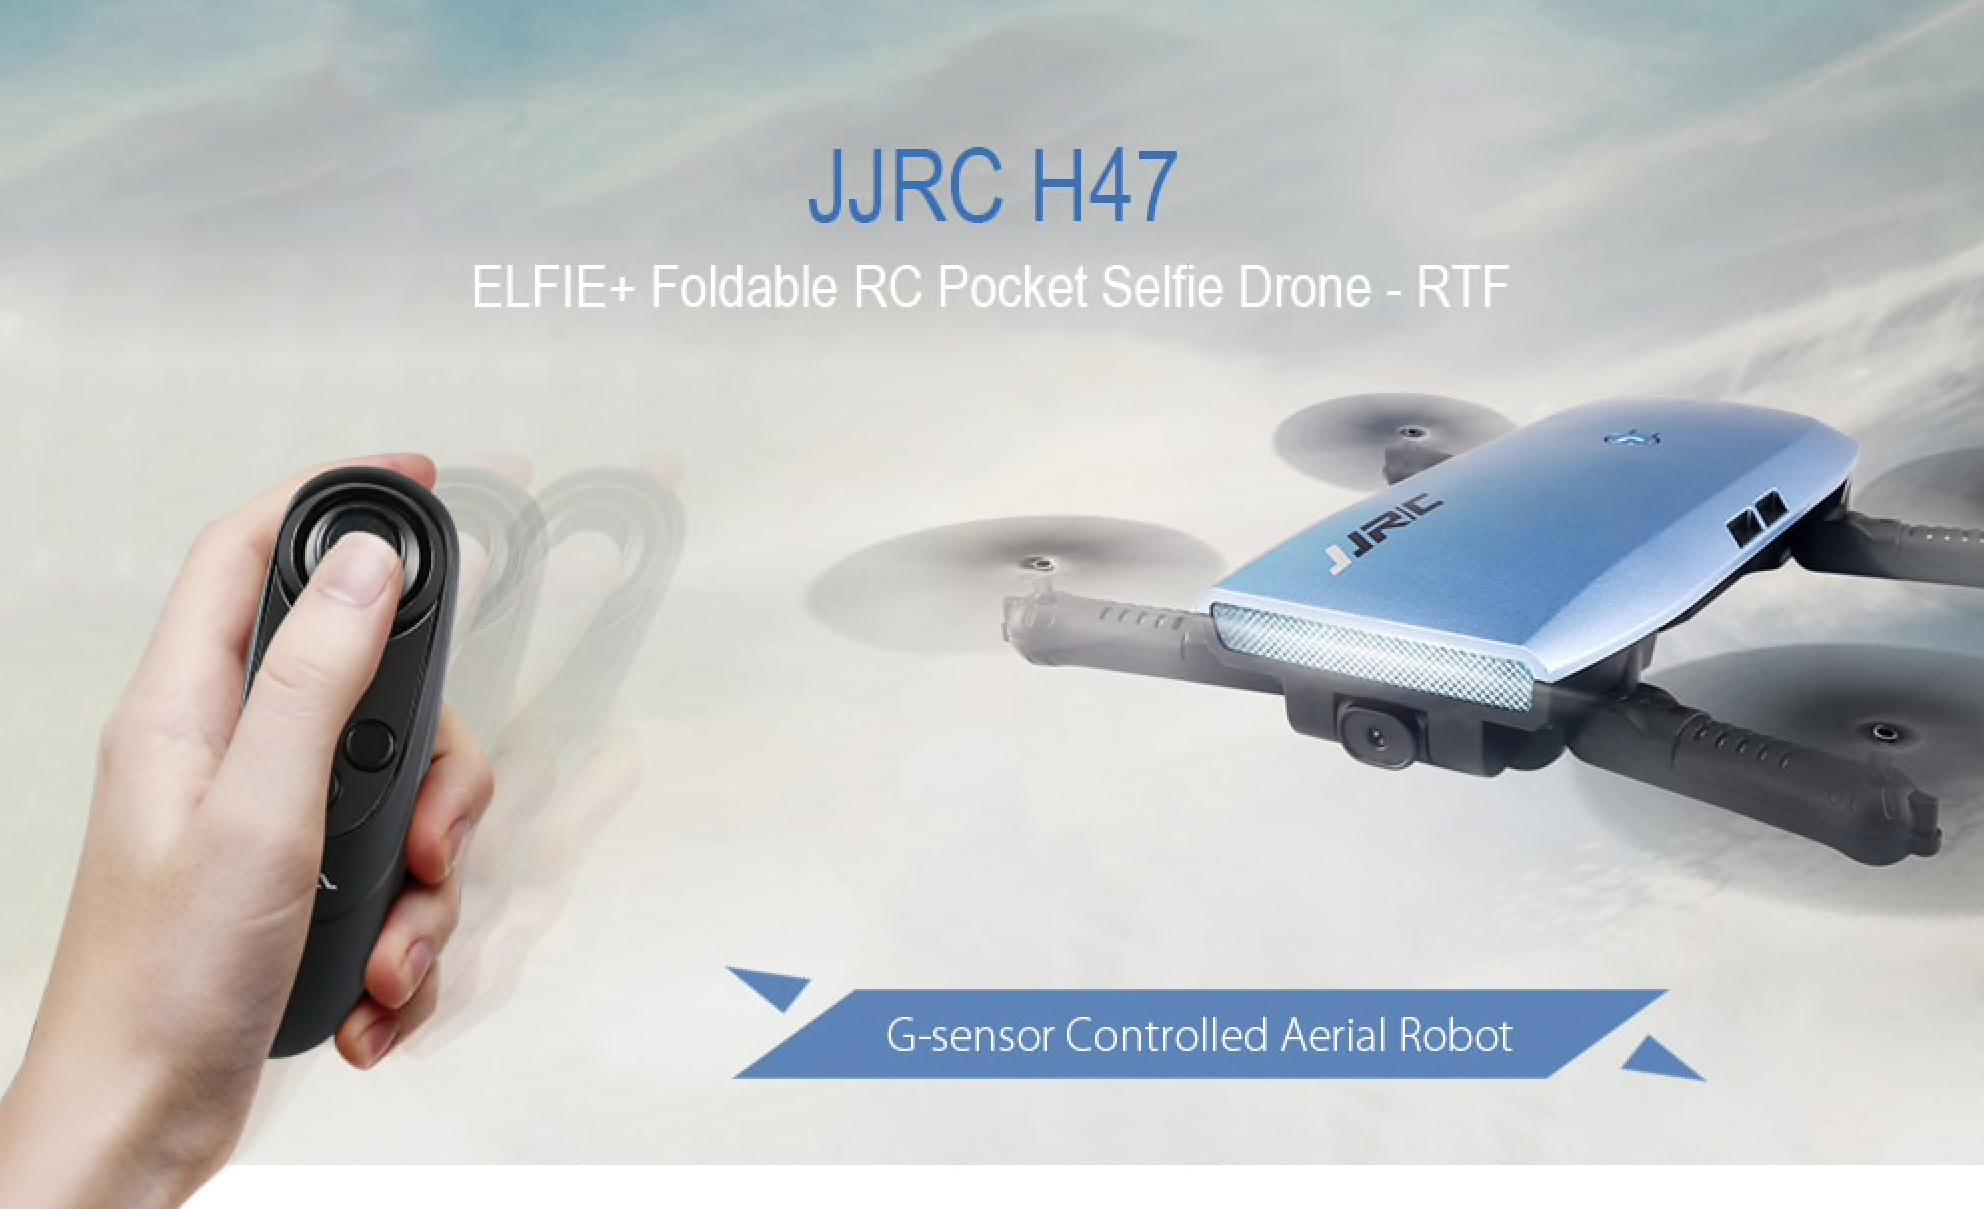 Výkonný dron JJRC H47 za 740 Kč a s dodáním do 3 dnů! [sponzorovaný článek]